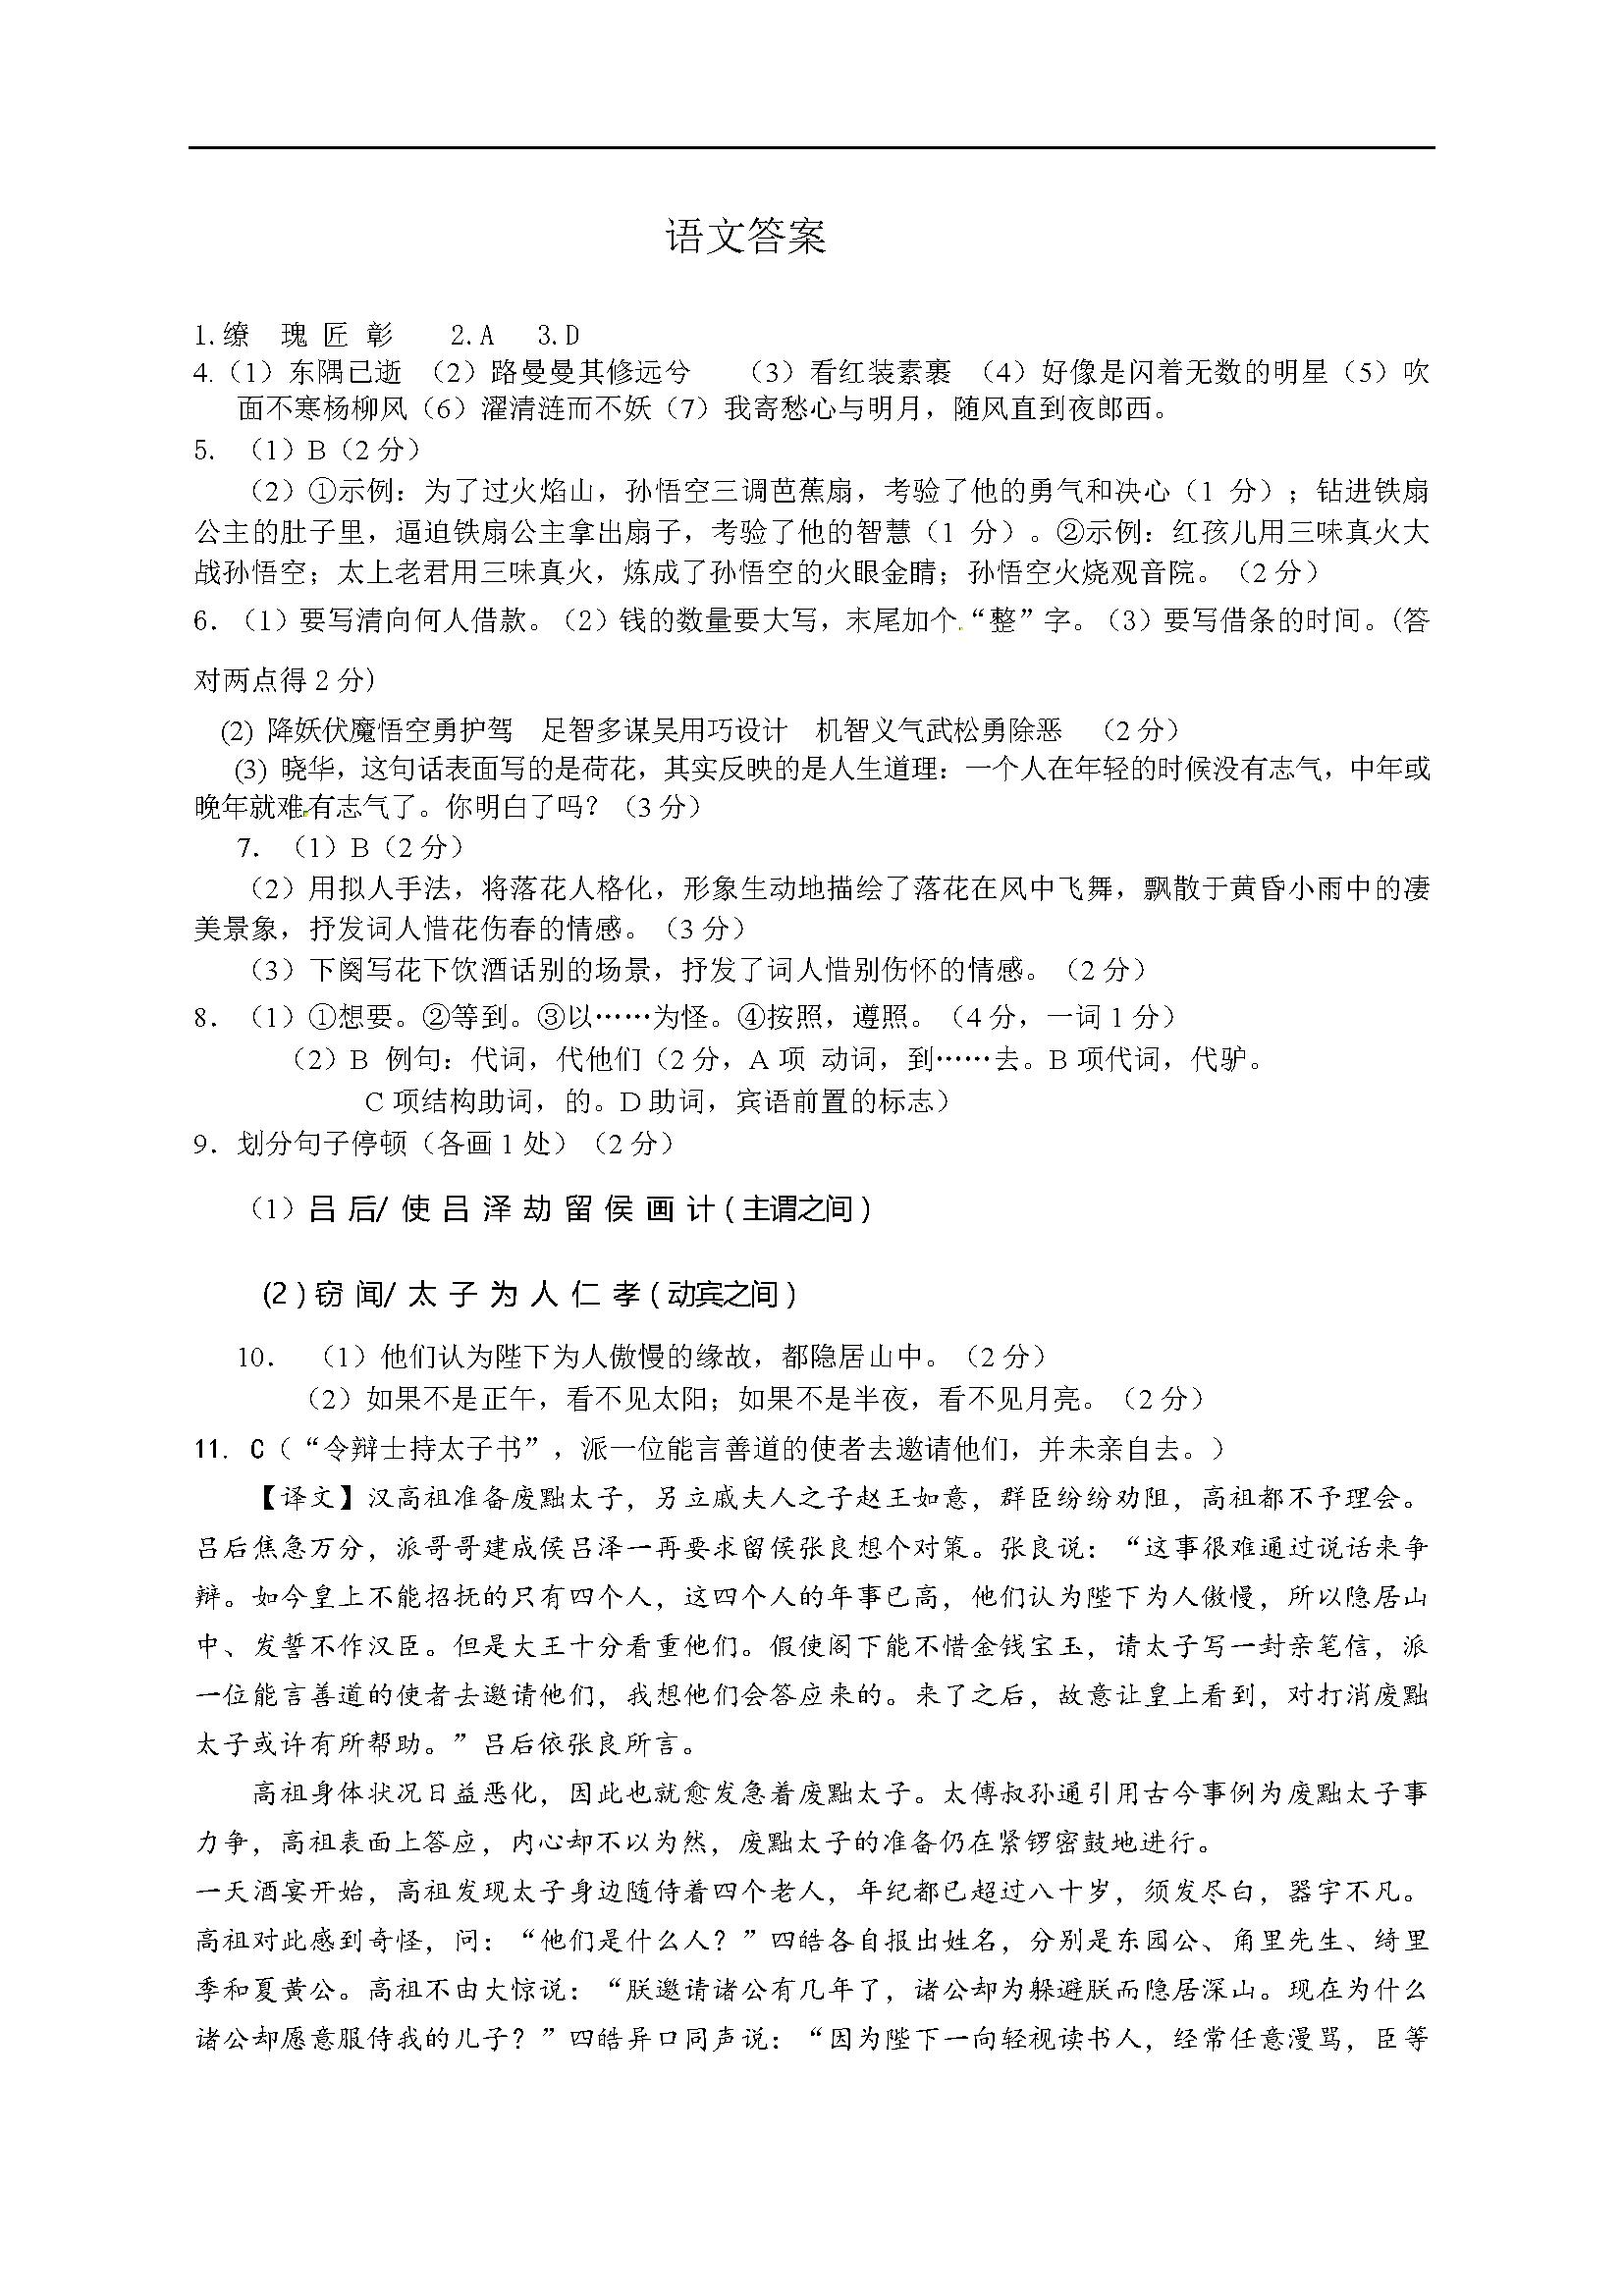 2017年江苏泰州高港实验学校九年级3月月考语文试题答案(图片版)